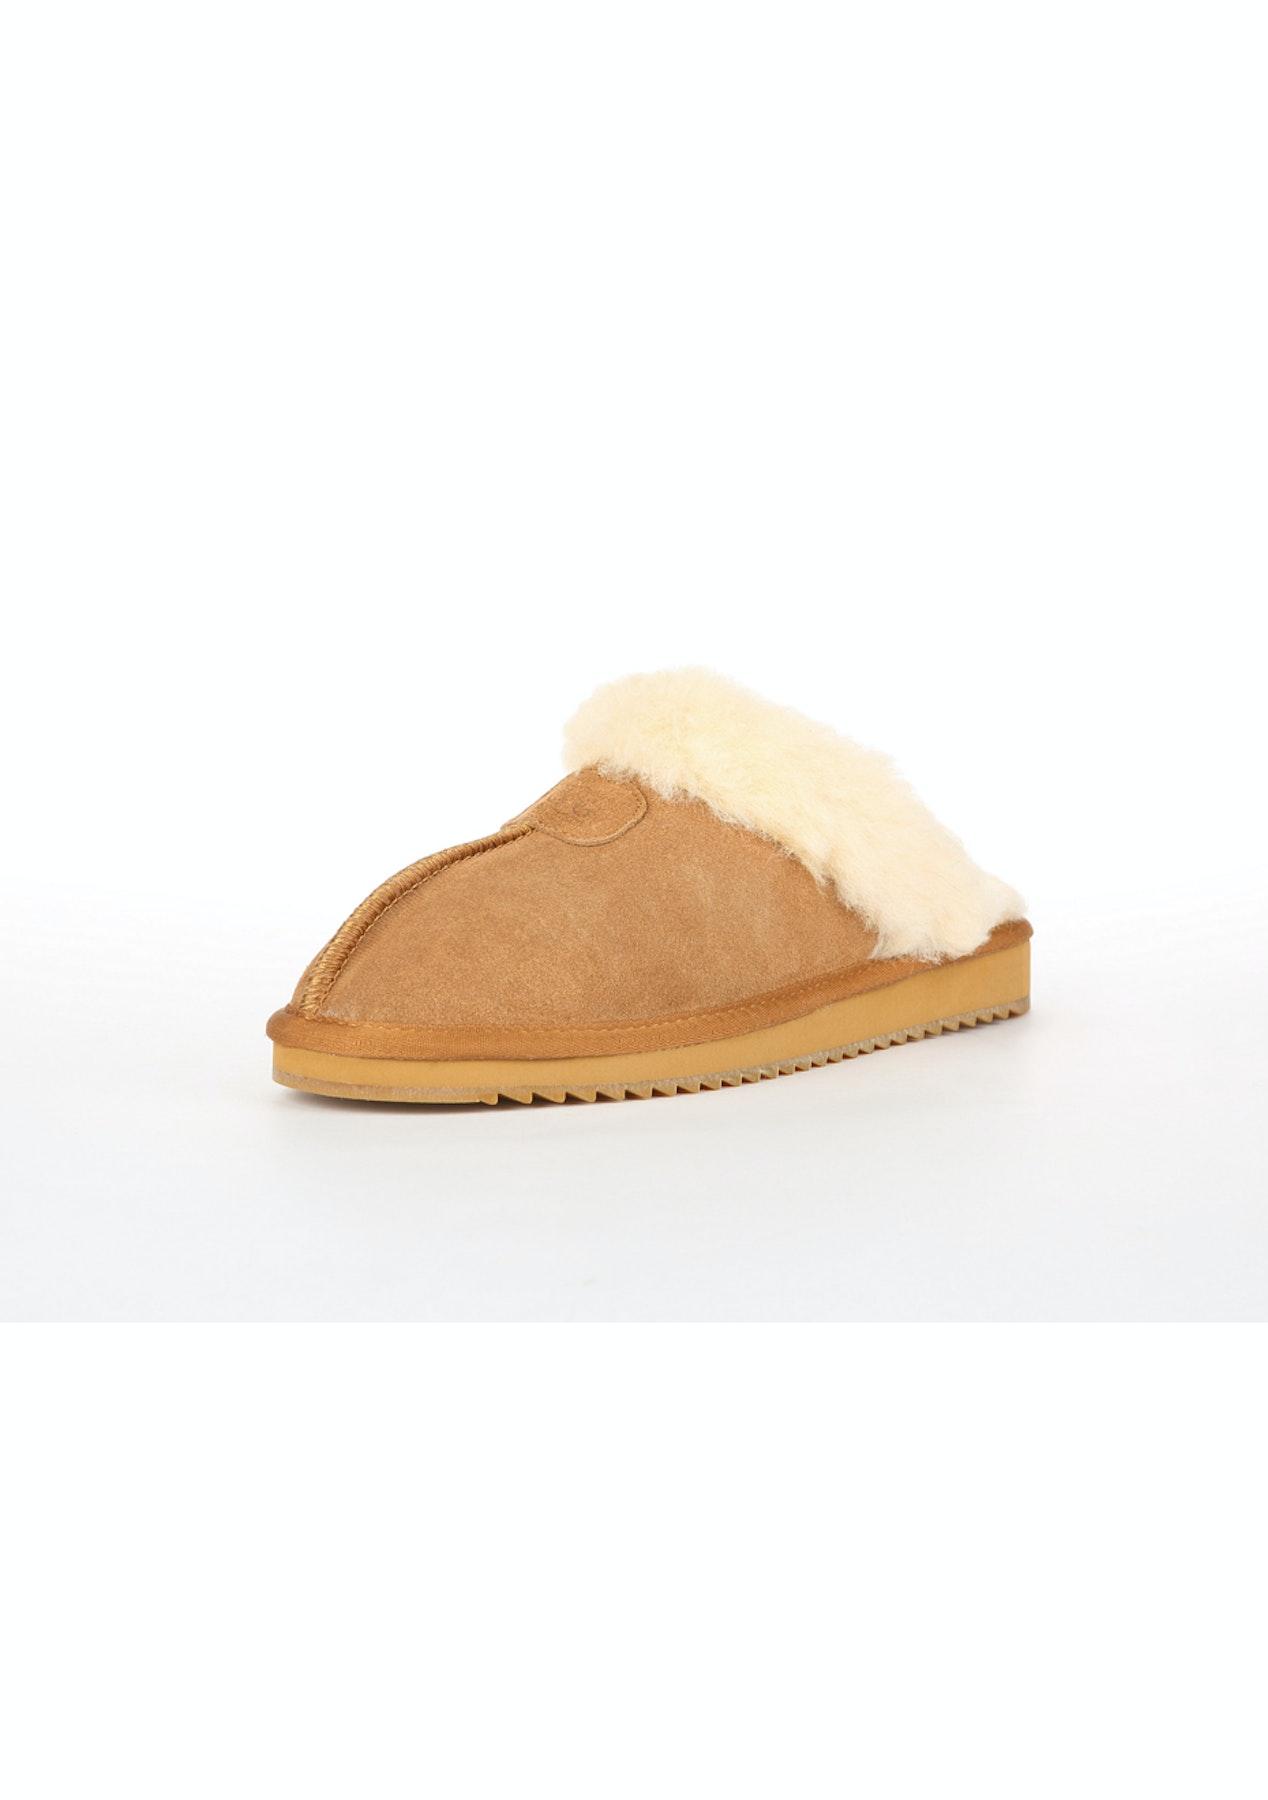 9c6e4087753 Oz Natives UGG - Womens Classic Slipper - Chestnut